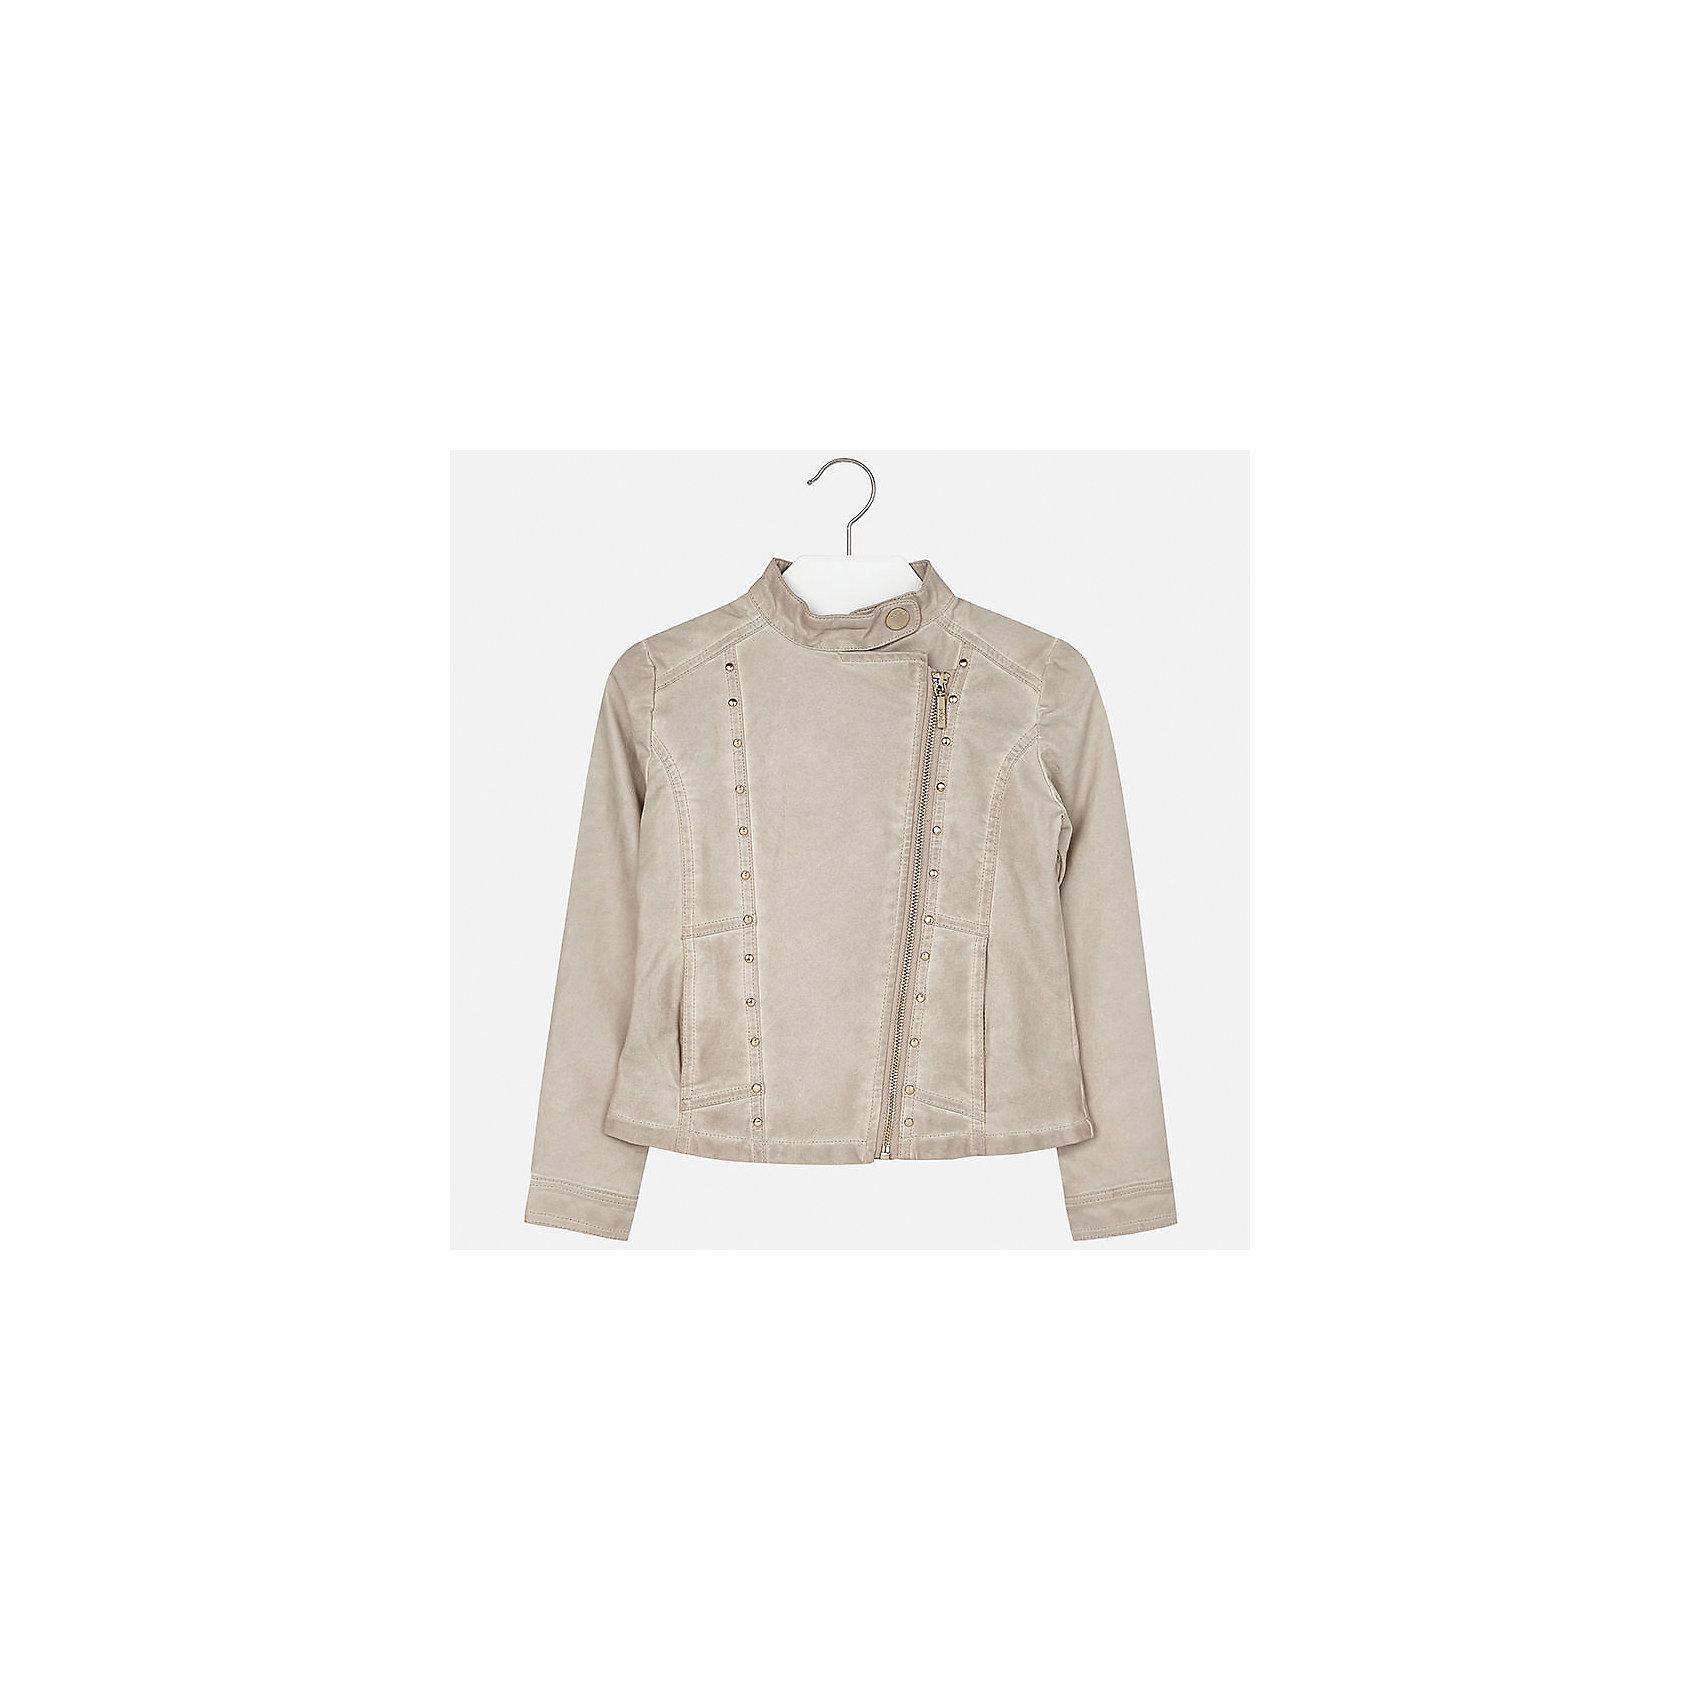 Куртка для девочки MayoralВерхняя одежда<br>Характеристики товара:<br><br>• цвет: бежевый<br>• состав: 100% полиуретан, подкладка - 100% полиэстер<br>• косая молния<br>• карманы<br>• с длинными рукавами <br>• металлические элементы на планке<br>• страна бренда: Испания<br><br>Очень стильная куртка для девочки поможет разнообразить гардероб ребенка и украсить наряд. Он отлично сочетается и с юбками, и с брюками. Универсальный цвет позволяет подобрать к вещи низ различных расцветок. Интересная отделка модели делает её нарядной и оригинальной.<br><br>Одежда, обувь и аксессуары от испанского бренда Mayoral полюбились детям и взрослым по всему миру. Модели этой марки - стильные и удобные. Для их производства используются только безопасные, качественные материалы и фурнитура. Порадуйте ребенка модными и красивыми вещами от Mayoral! <br><br>Куртку для девочки от испанского бренда Mayoral (Майорал) можно купить в нашем интернет-магазине.<br><br>Ширина мм: 356<br>Глубина мм: 10<br>Высота мм: 245<br>Вес г: 519<br>Цвет: бежевый<br>Возраст от месяцев: 168<br>Возраст до месяцев: 180<br>Пол: Женский<br>Возраст: Детский<br>Размер: 164,170,128/134,140,152,158<br>SKU: 5292849